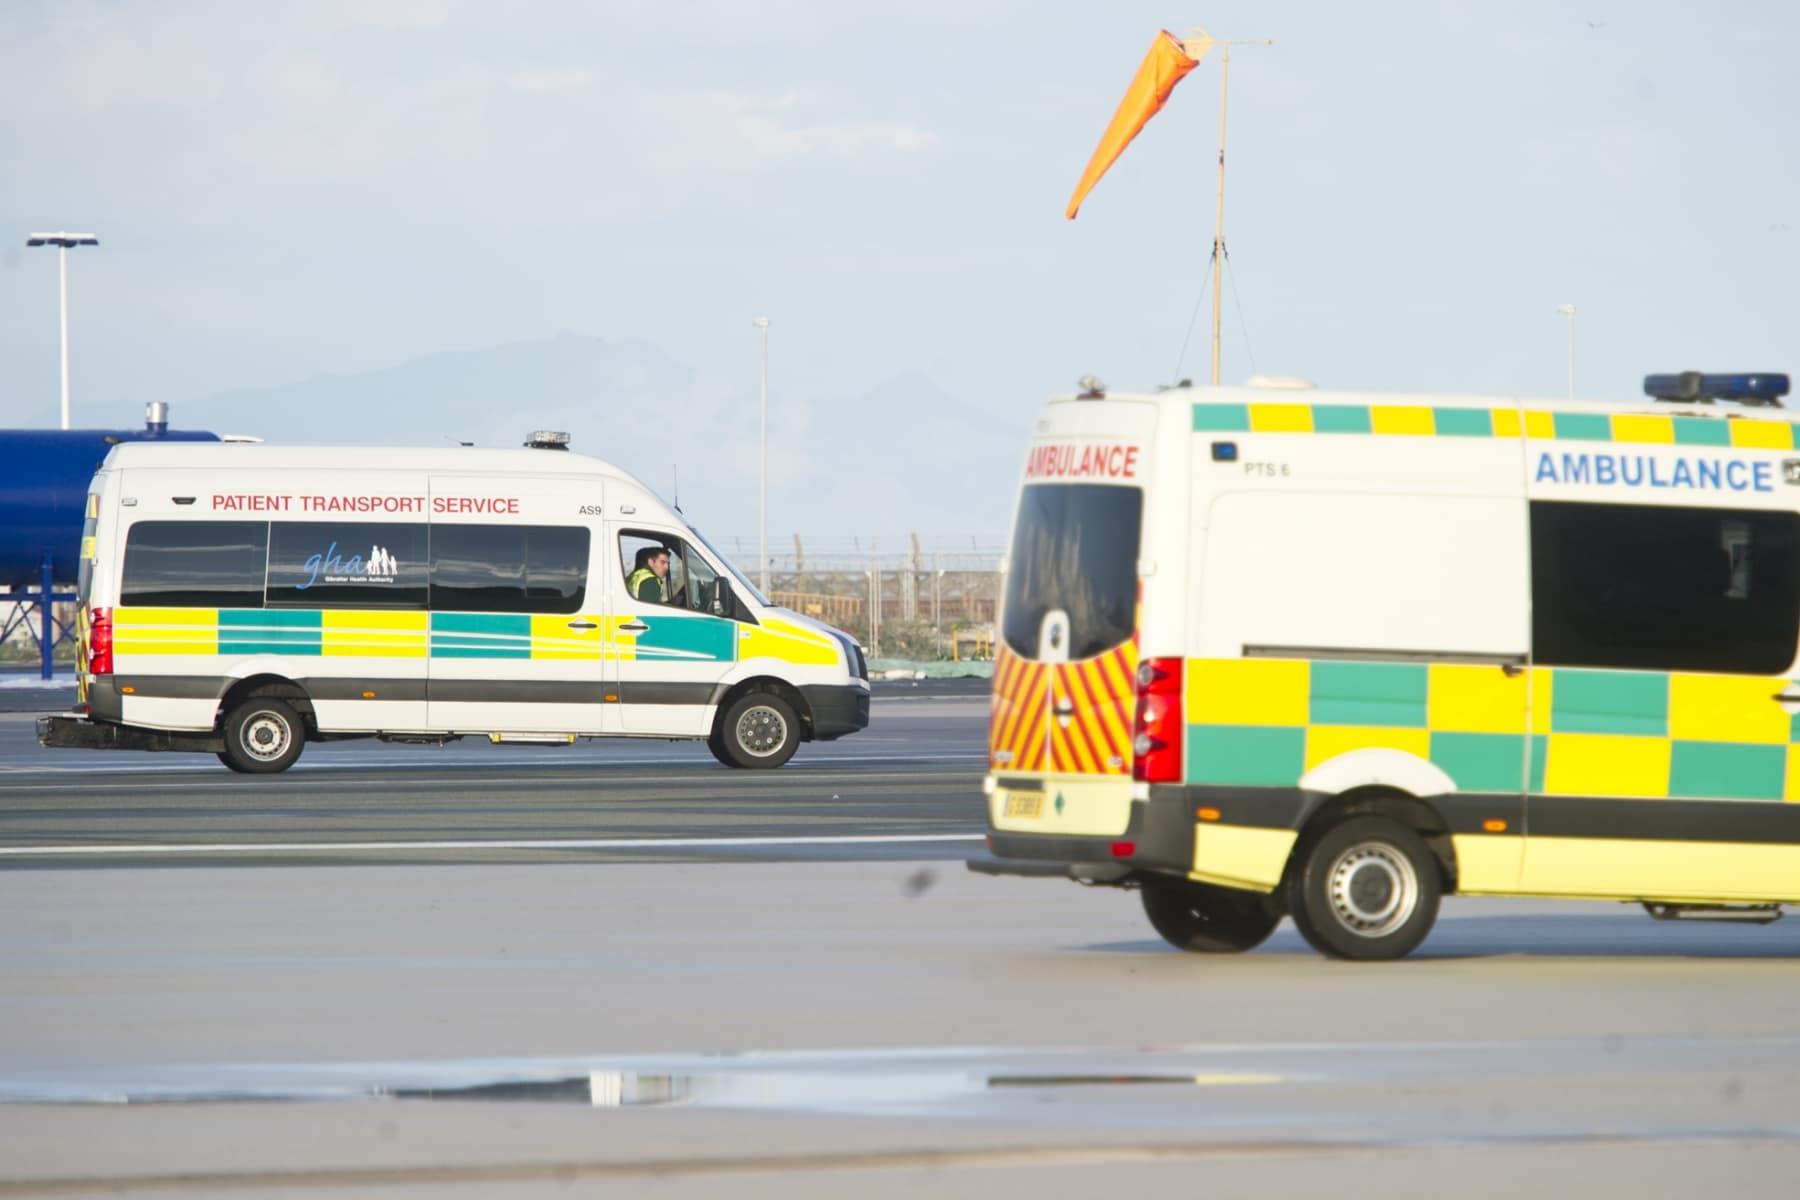 simulacro-accidente-aereo-en-gibraltar-03122014-22_15758178127_o